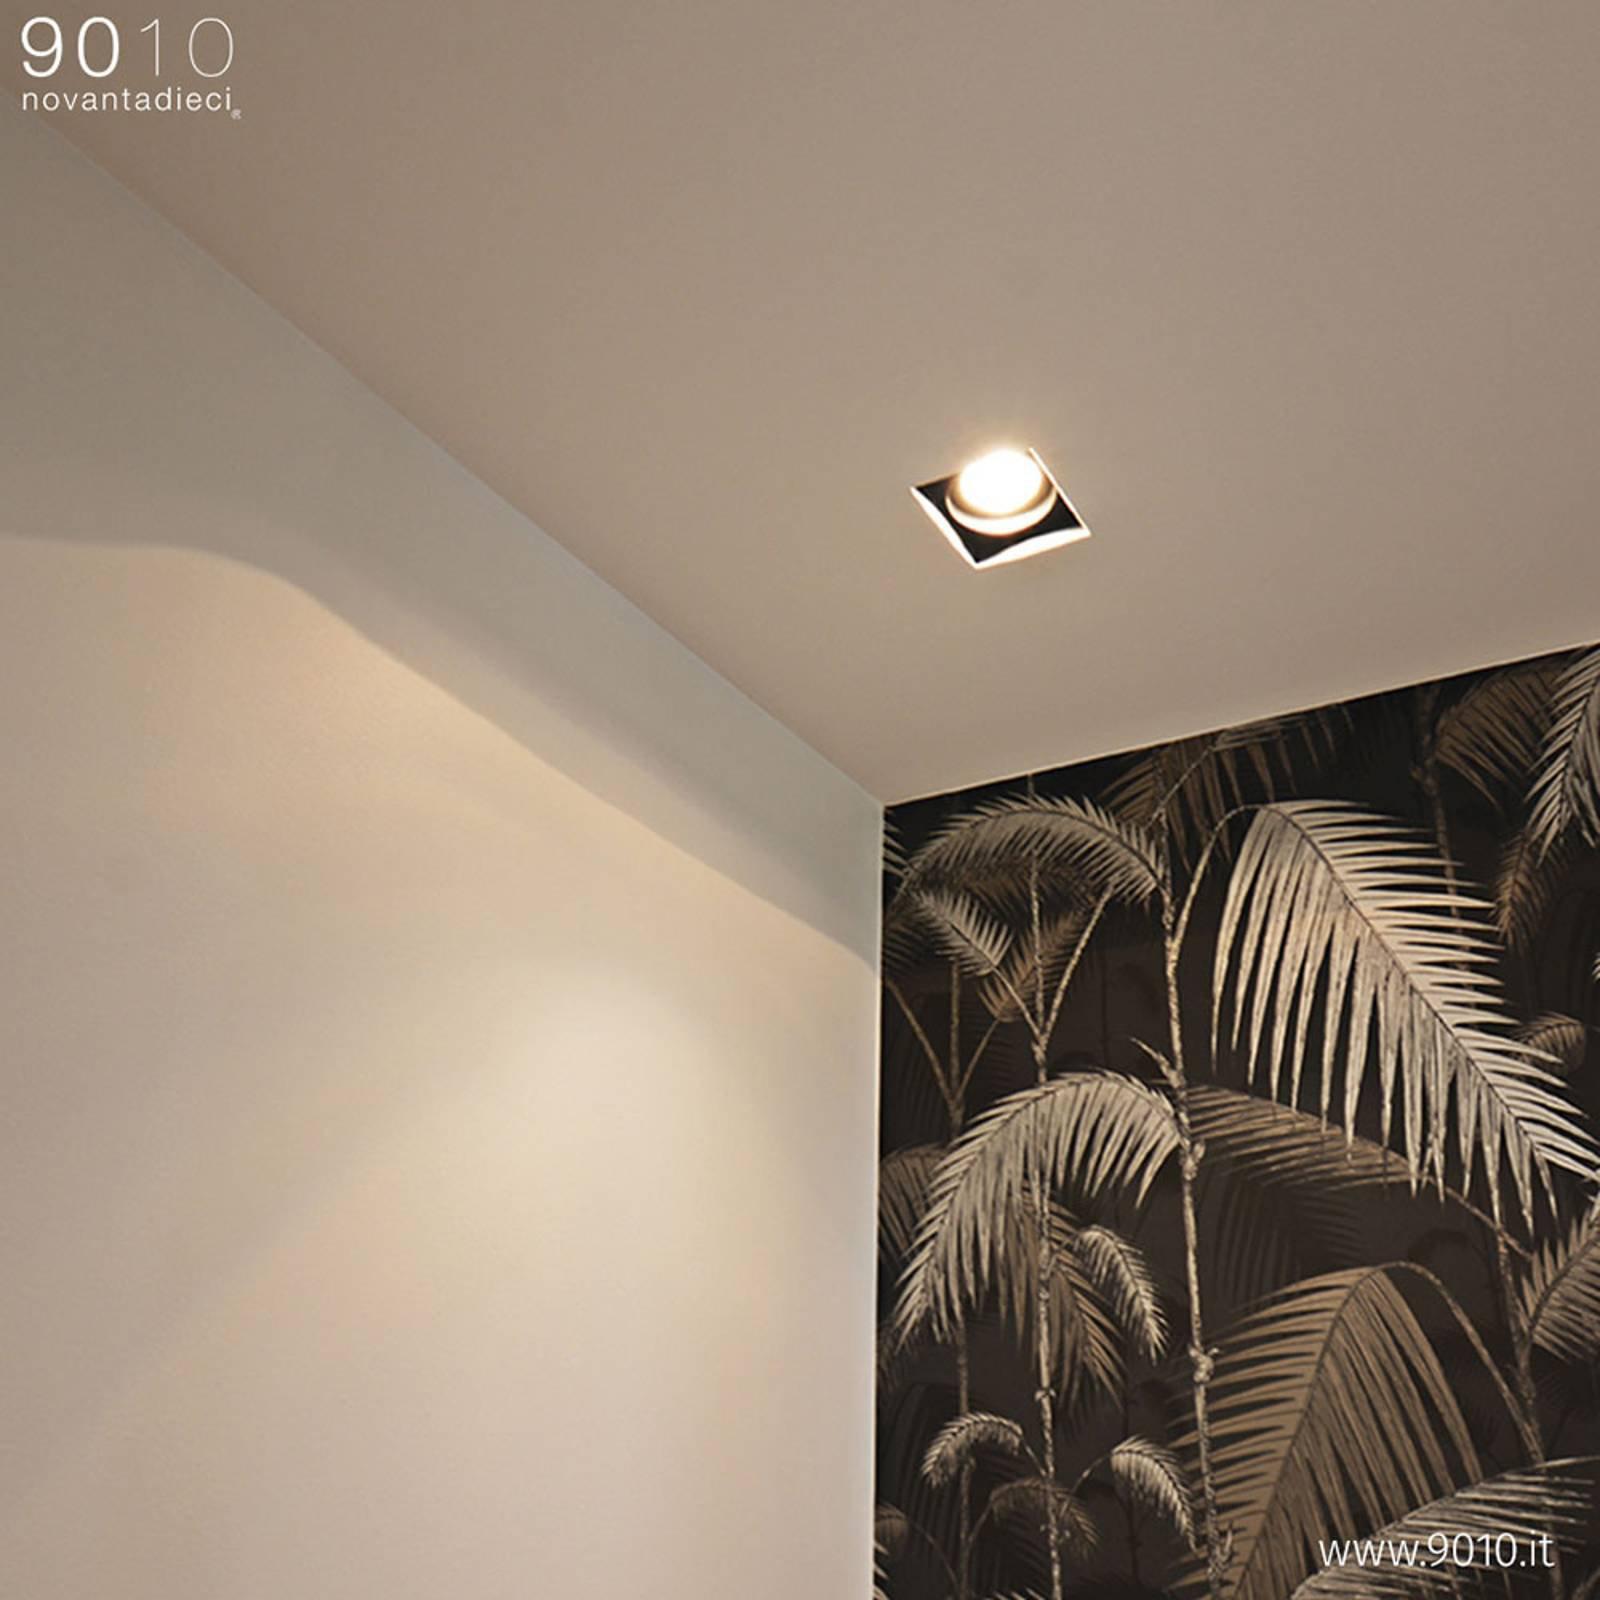 Innbygget taklampe 4246A, firkantet, 15x15 cm